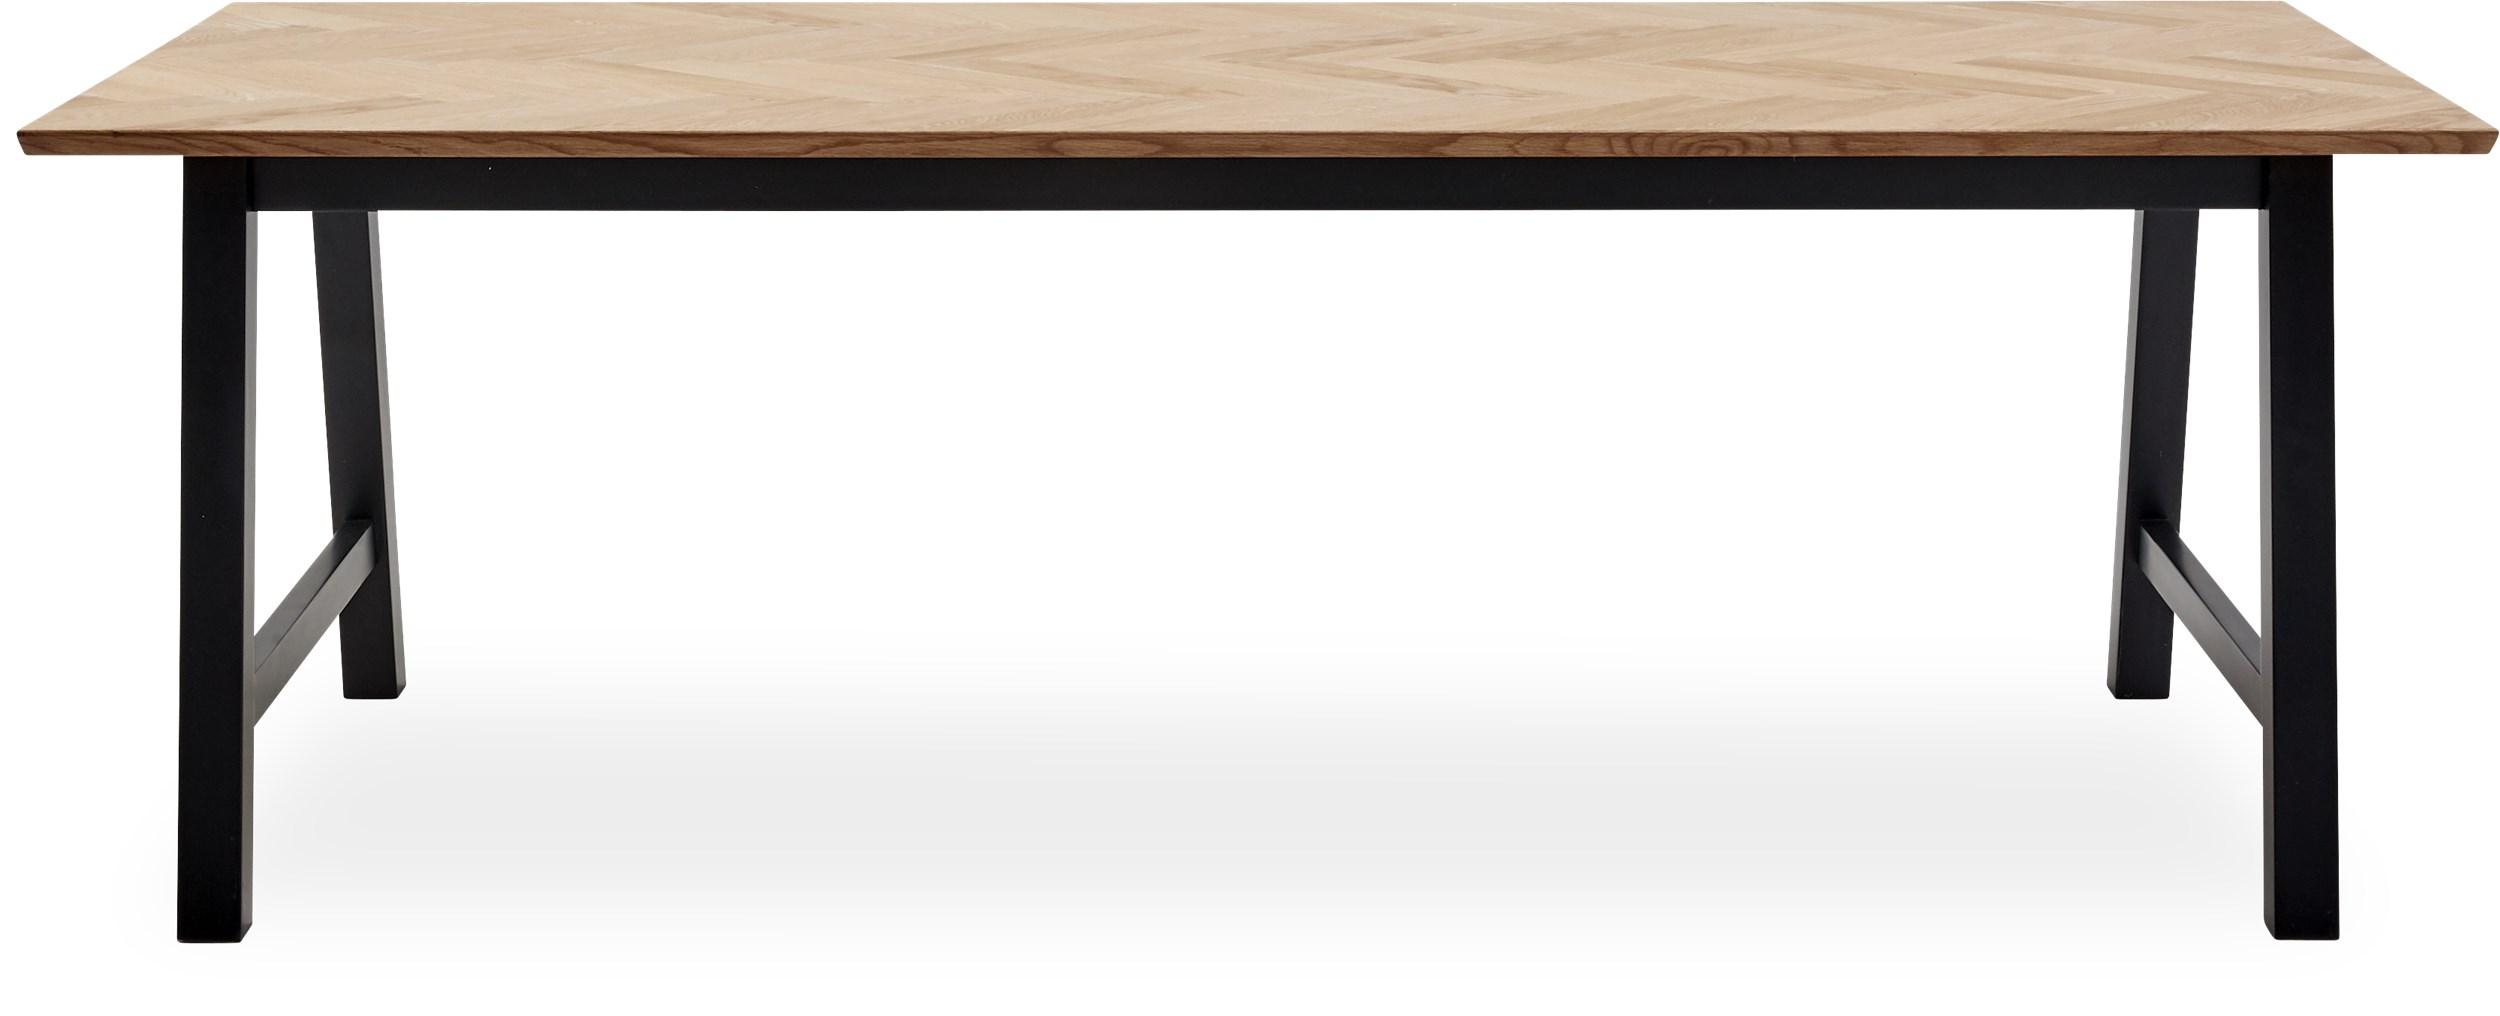 Blixton Spisebord 222 x 95 x 75 cm